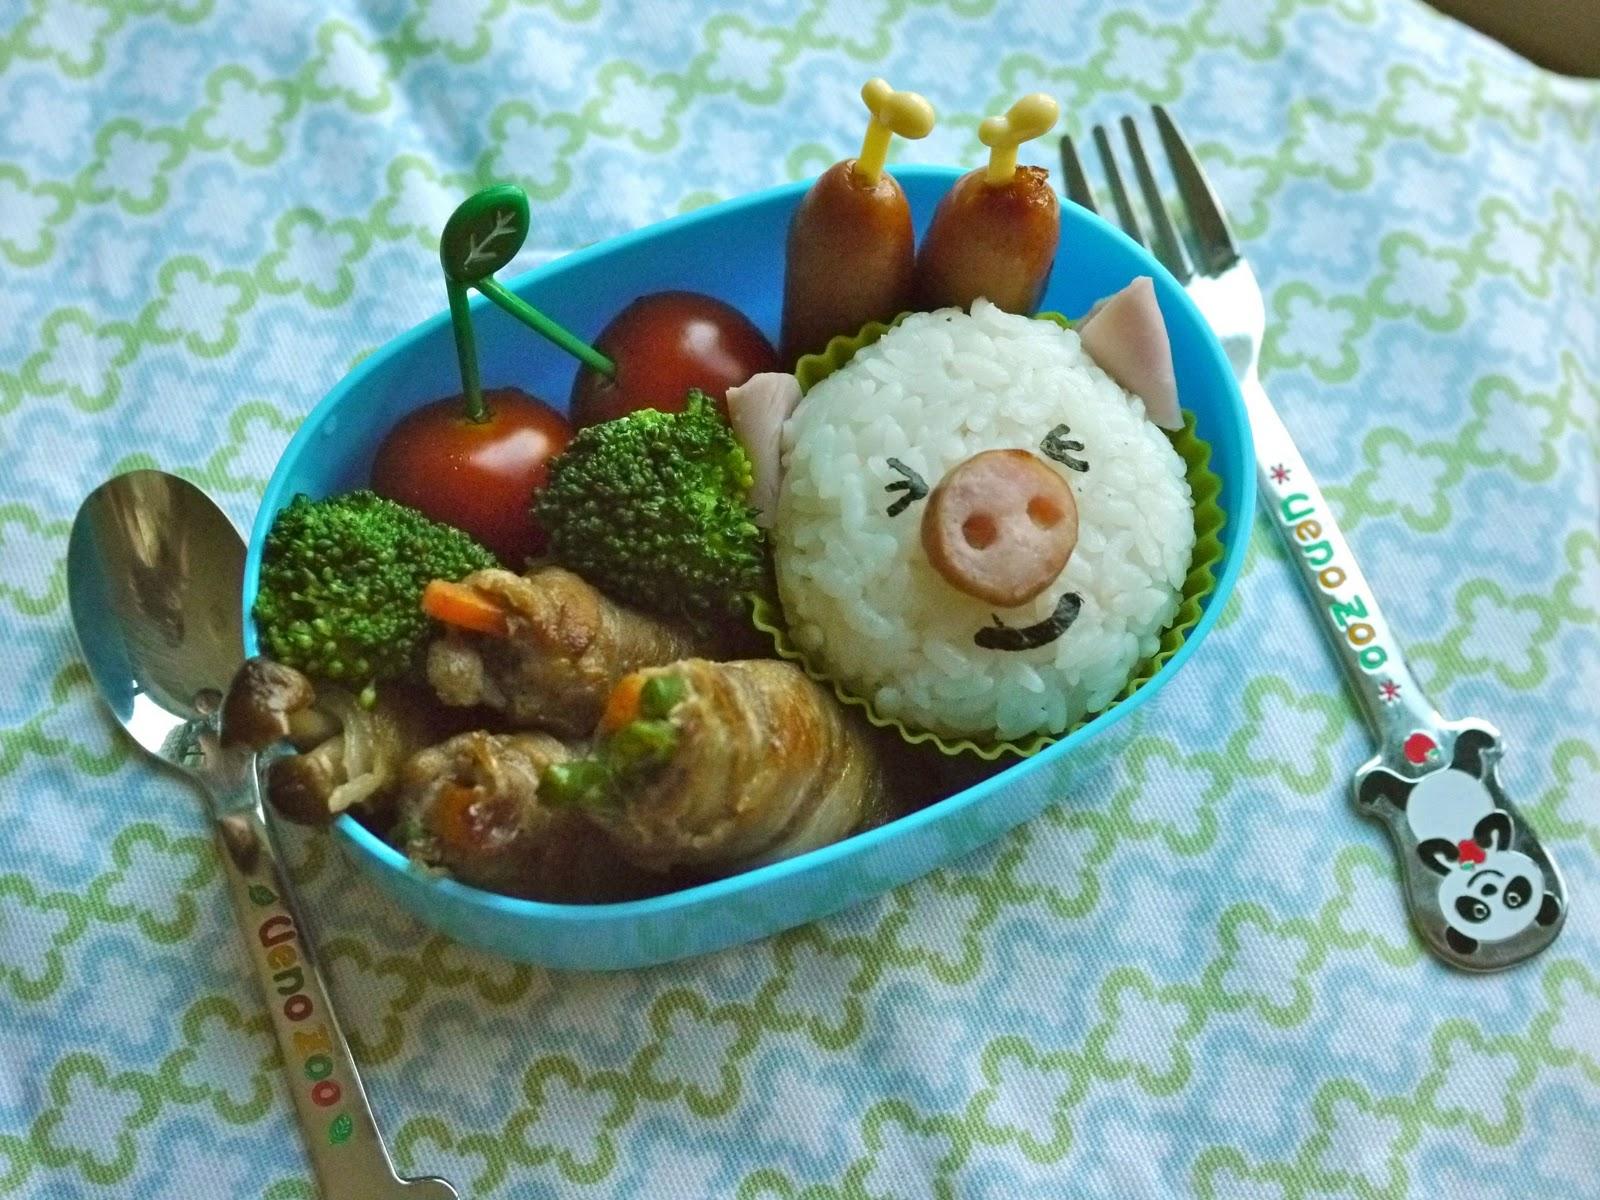 日式便當菜譜_日式便當_一道省時的懶人日式便當菜 ...